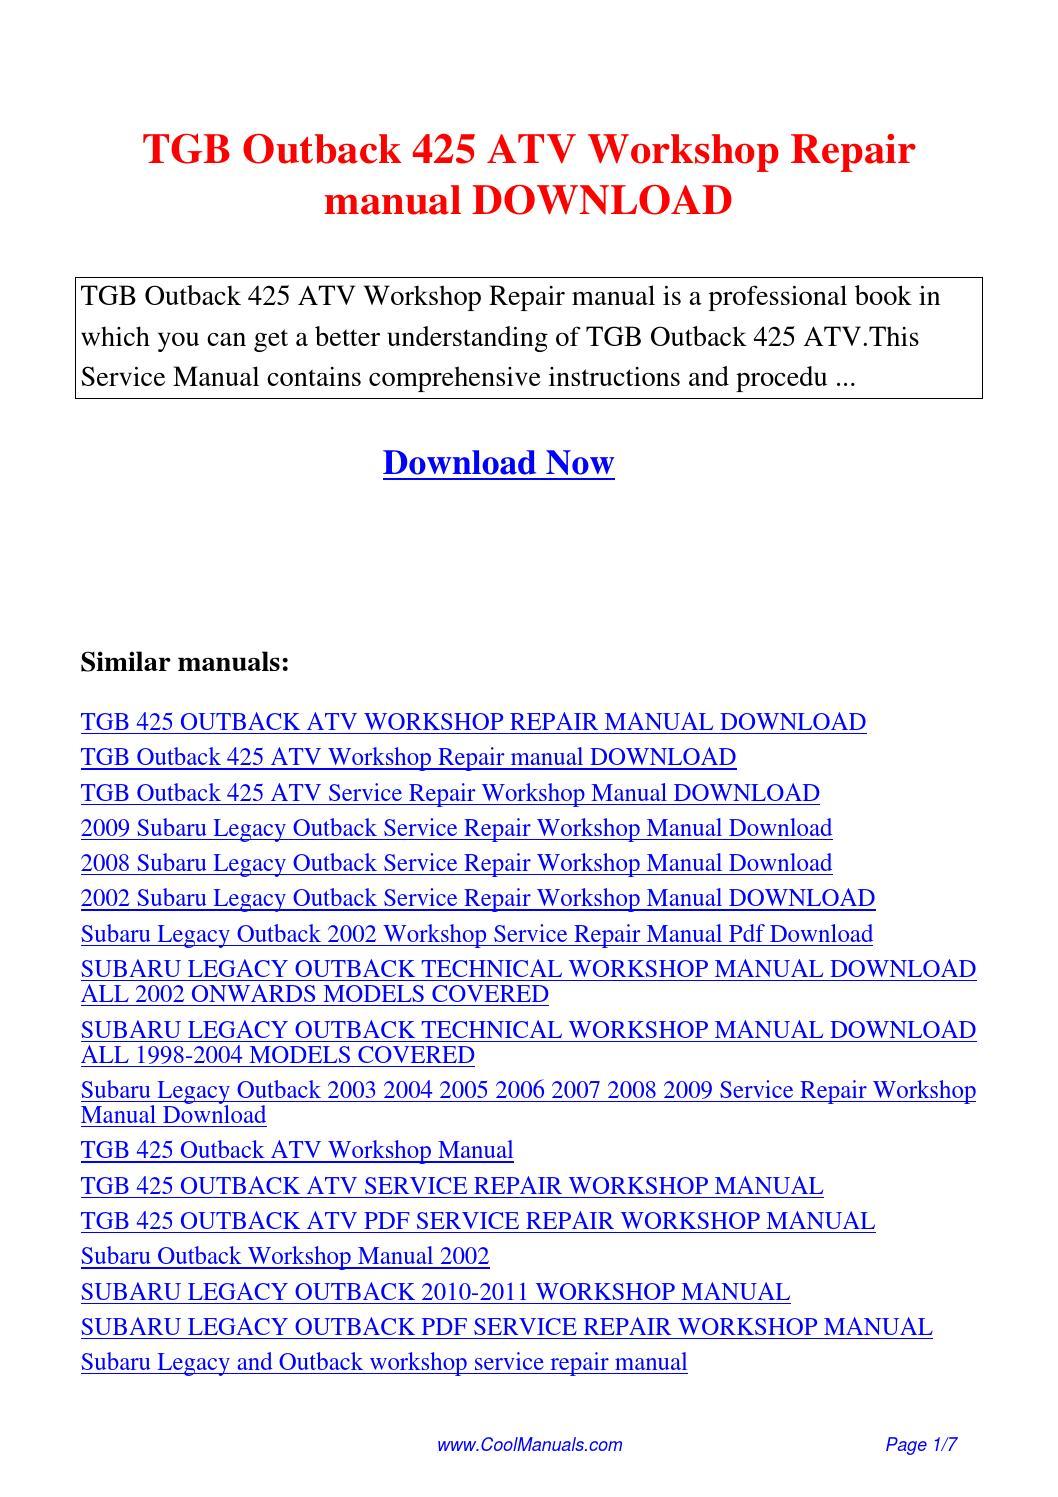 2005 Subaru Outback Service Manual Pdf 1998